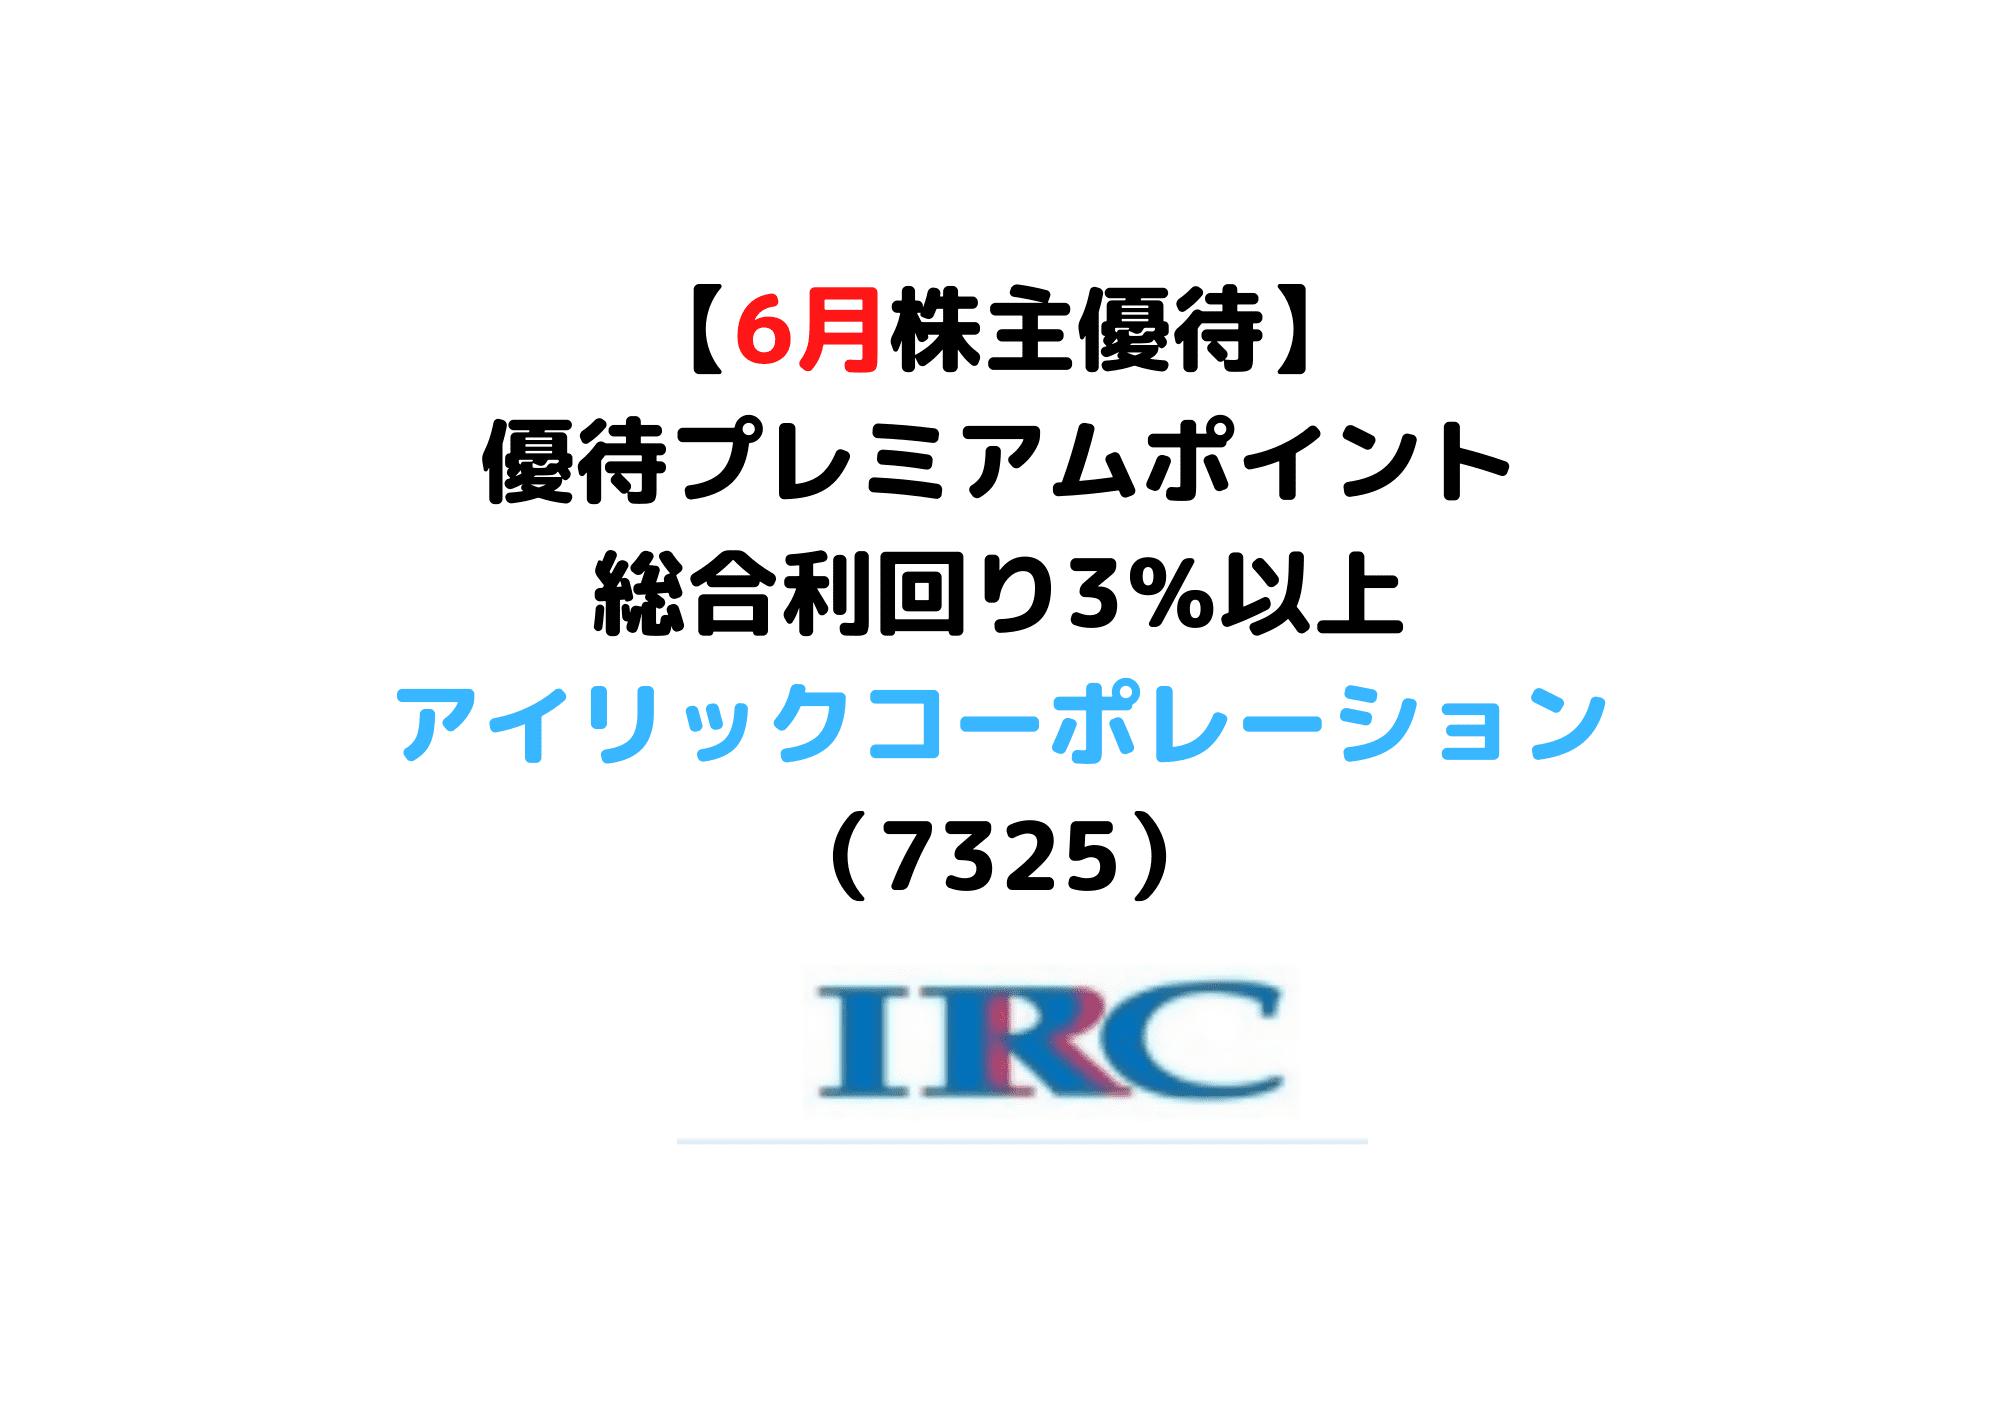 7325 アイリックコーポレーション (1)